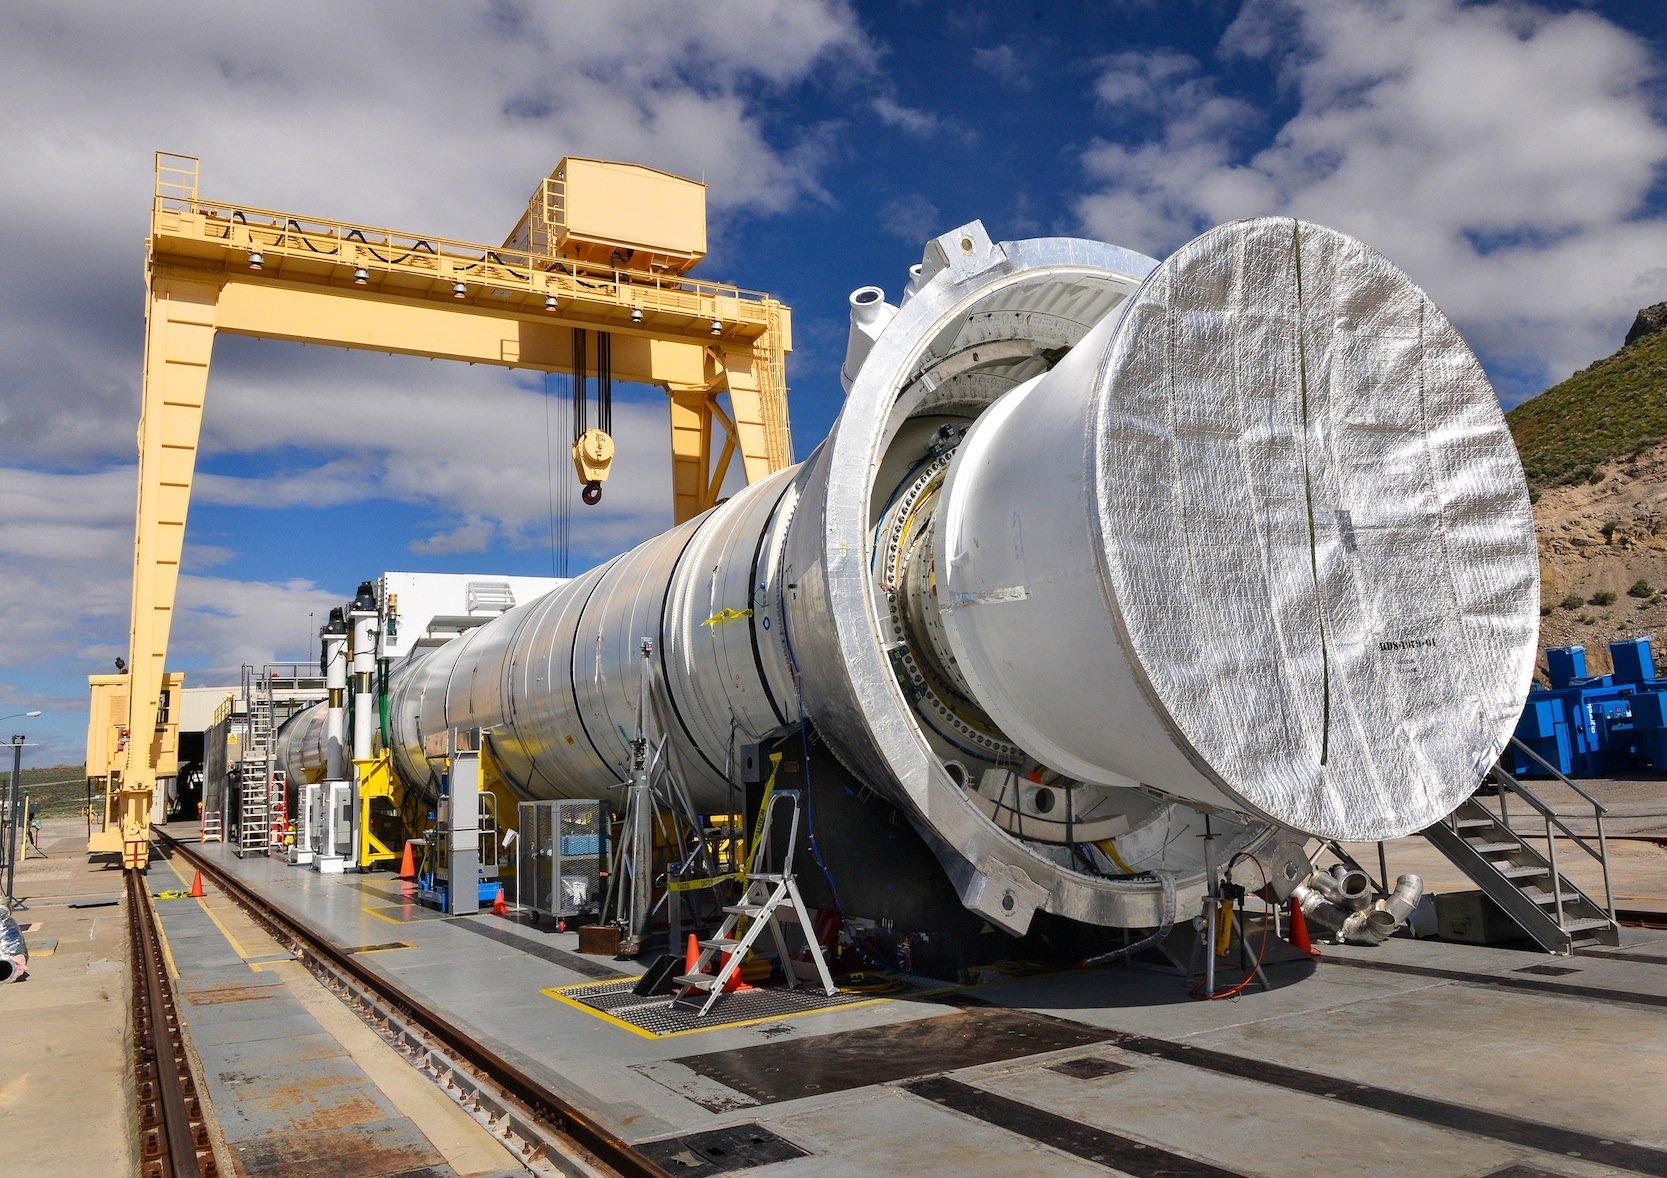 Vorbereitung des stärksten Raketentriebswerks der Welt auf seinen zweiten Test.